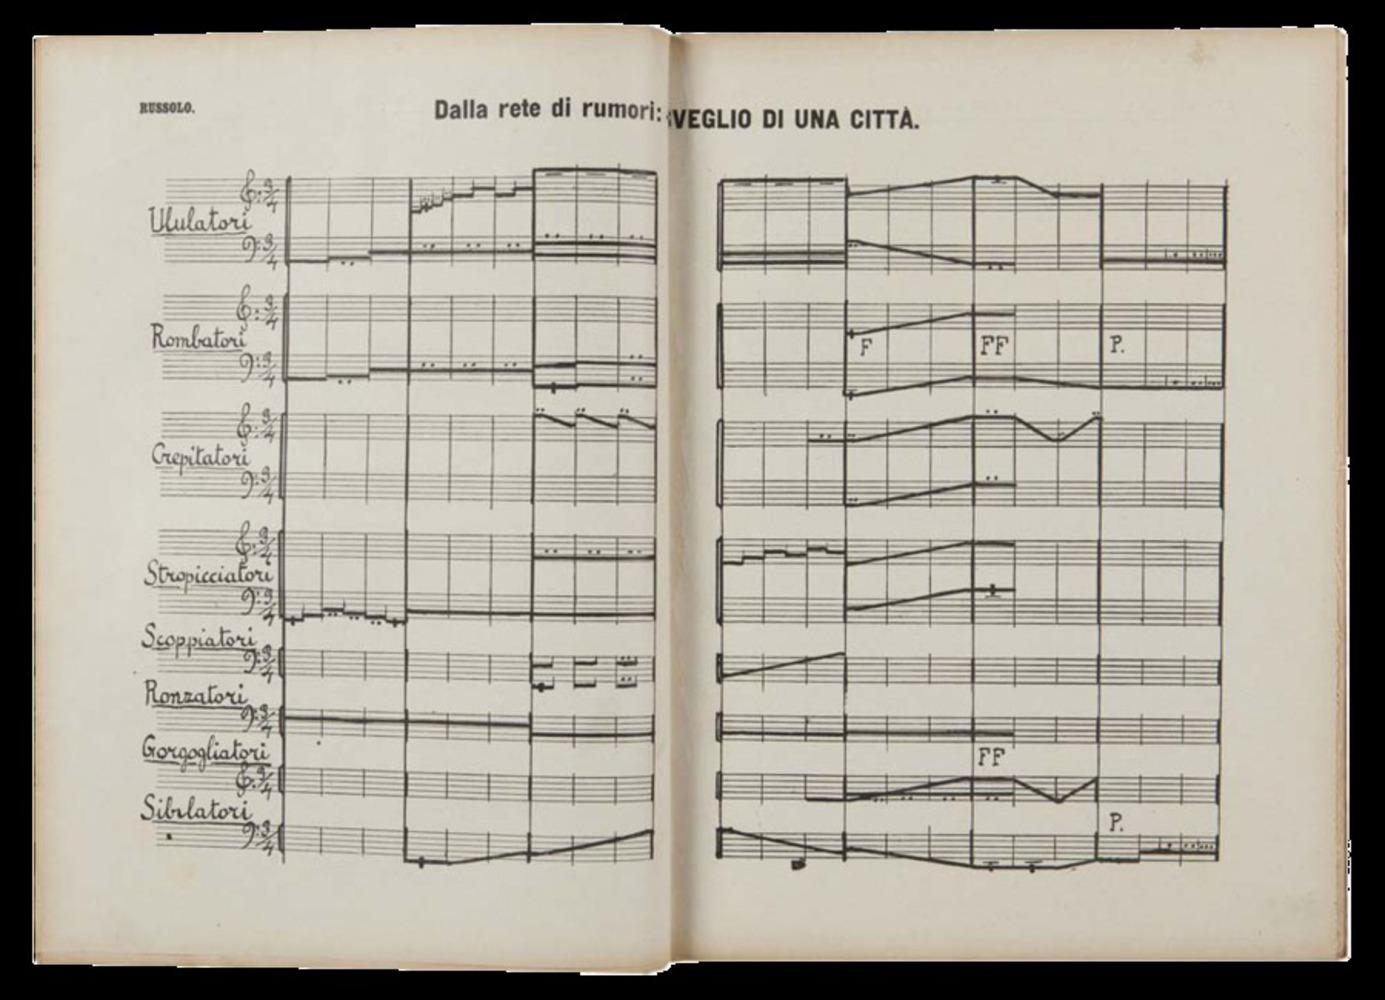 Ex4 luigi russolo enharmonic notation for intonarumori 1914 trivium art history.thumb